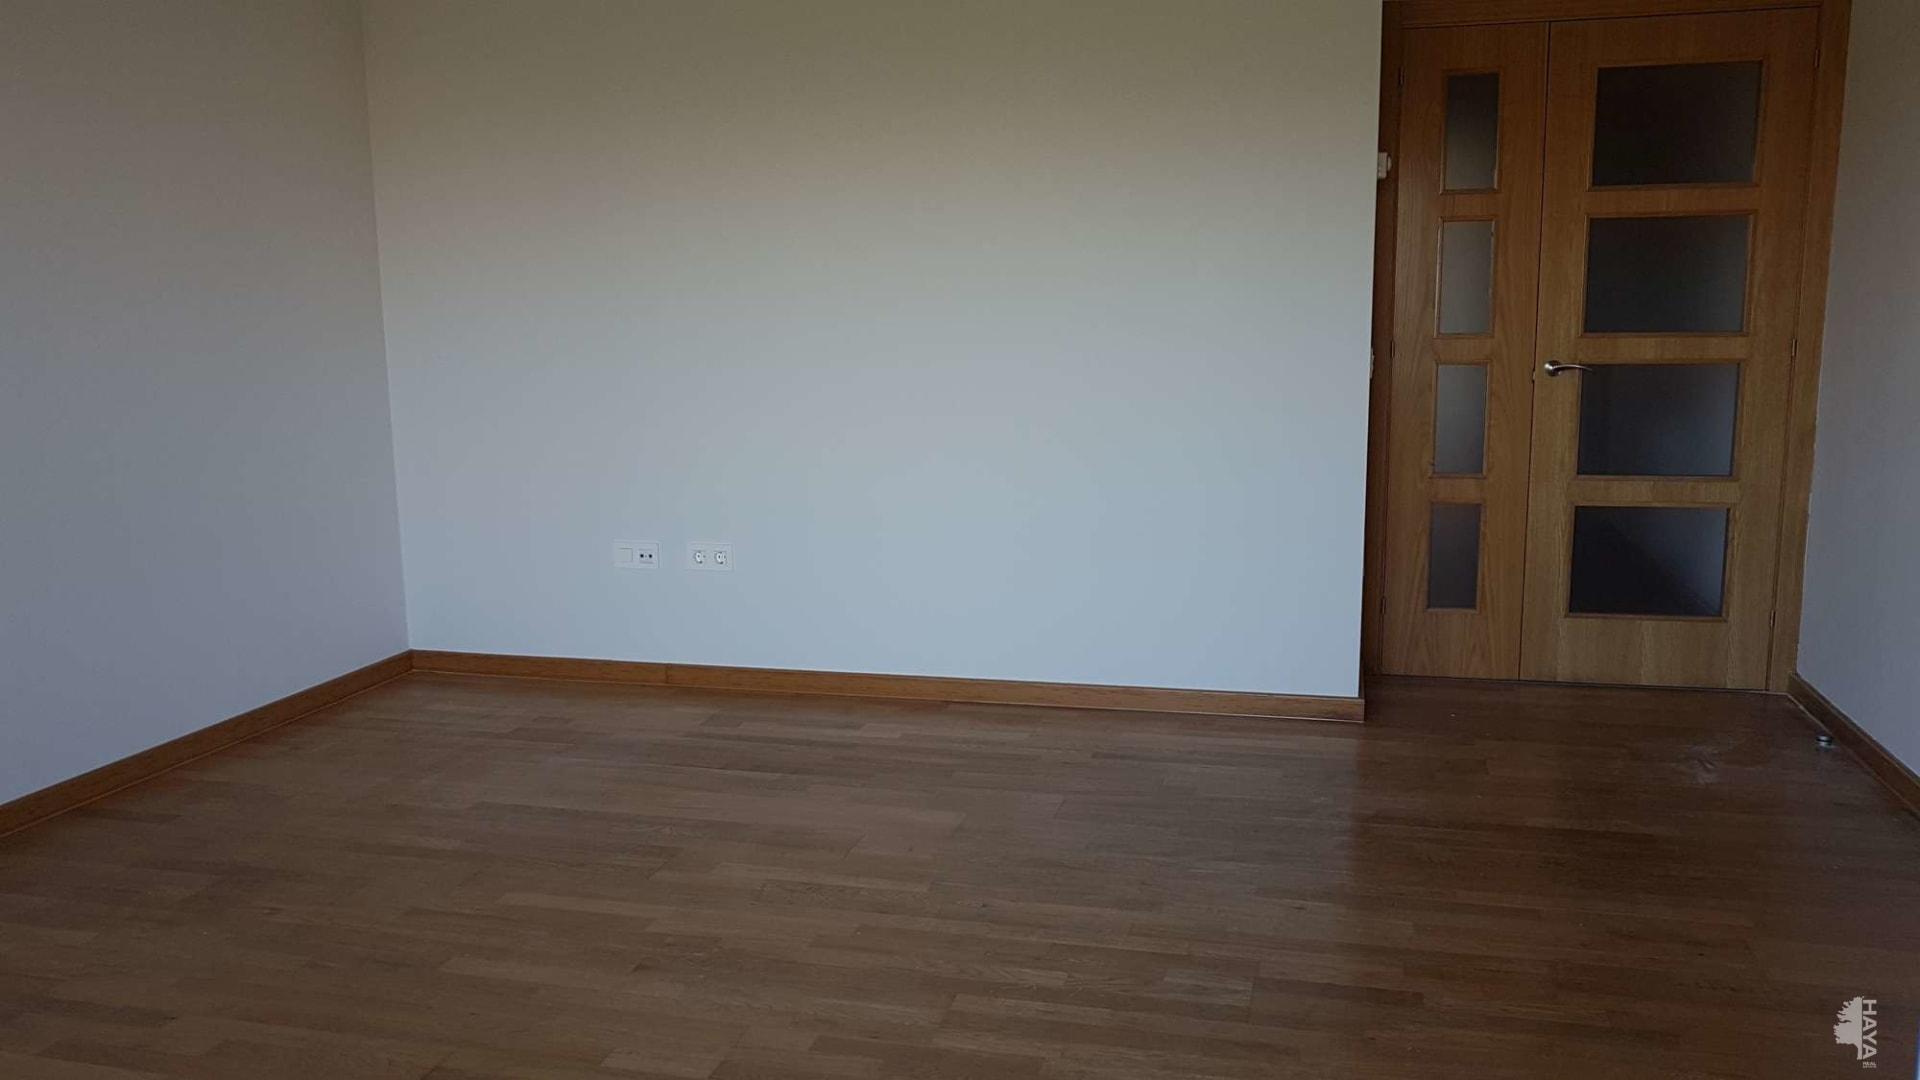 Piso en venta en Favila, Corvera de Asturias, Asturias, Pasaje Manzano Del, 82.000 €, 2 habitaciones, 1 baño, 61 m2